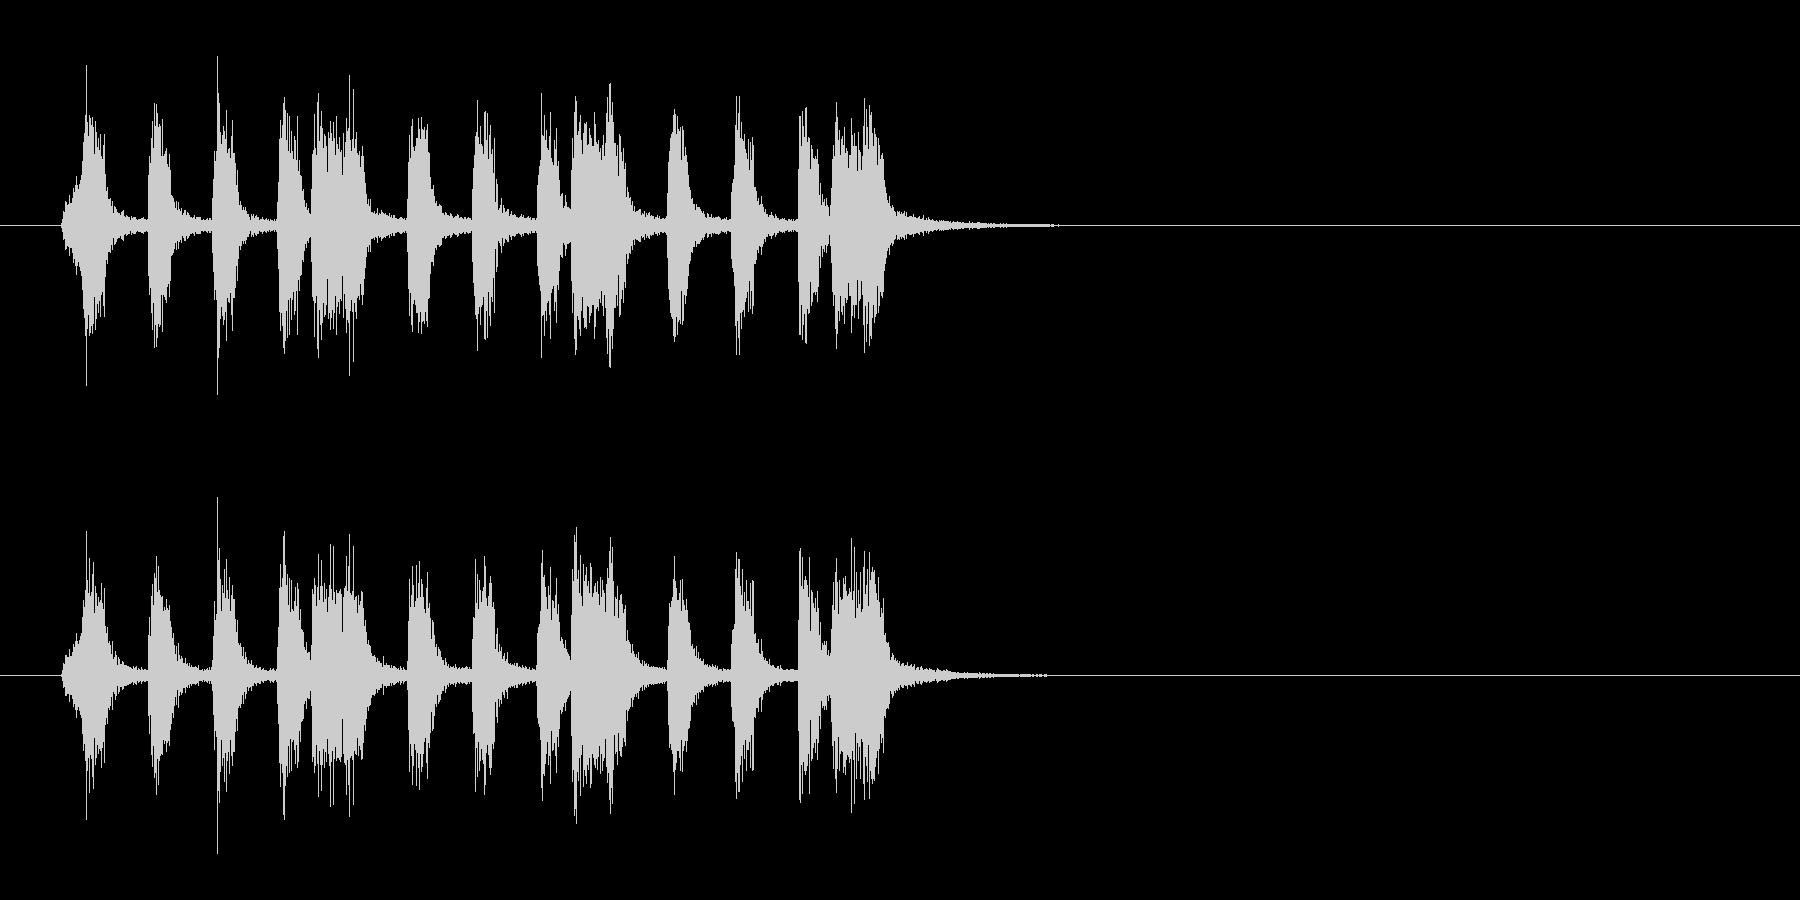 ジングル(タンゴ風)の未再生の波形